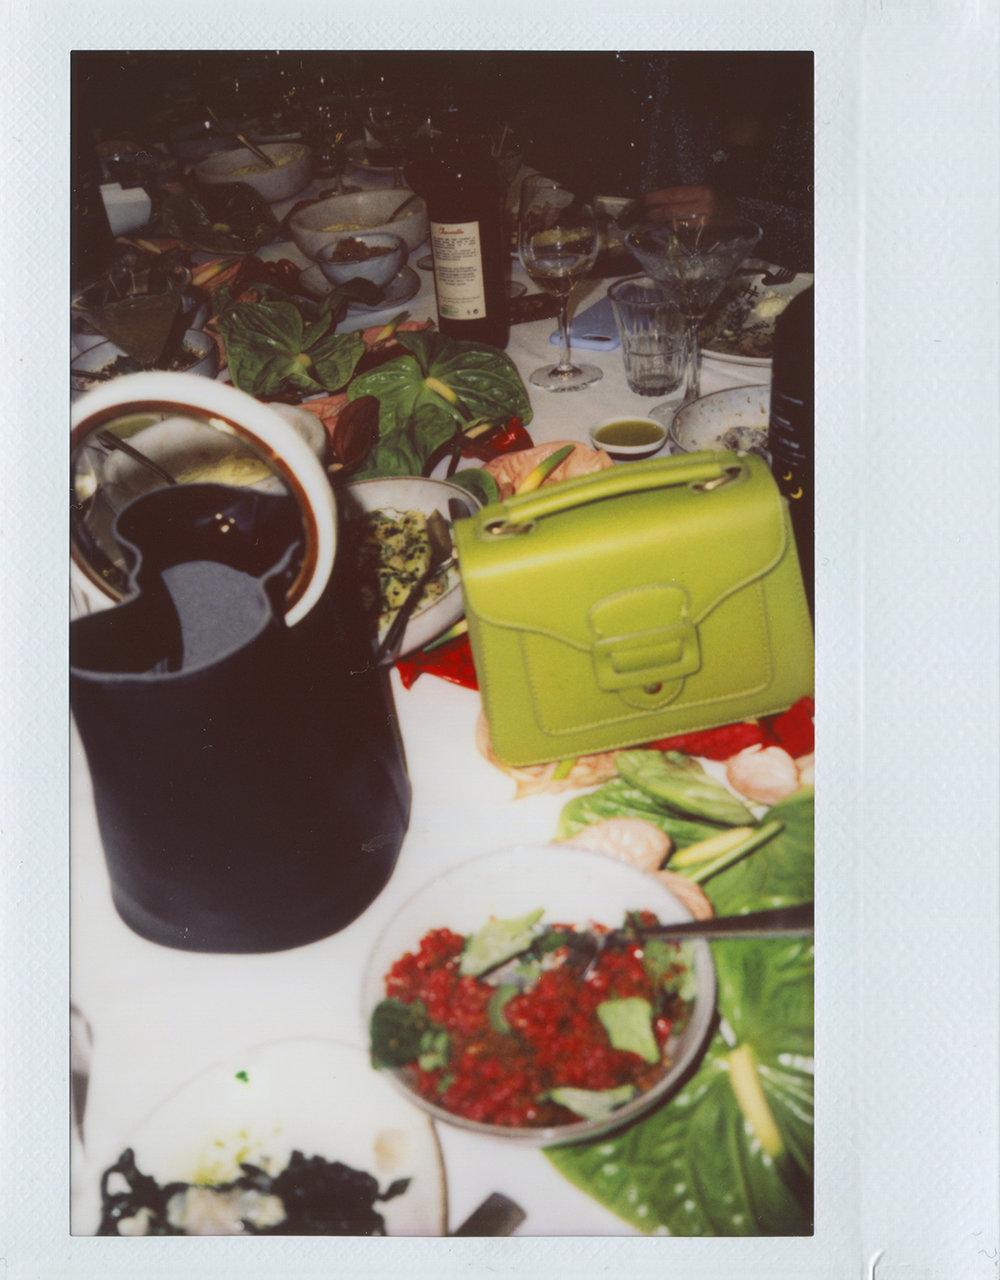 Nelly dinner by Polina_2.jpg